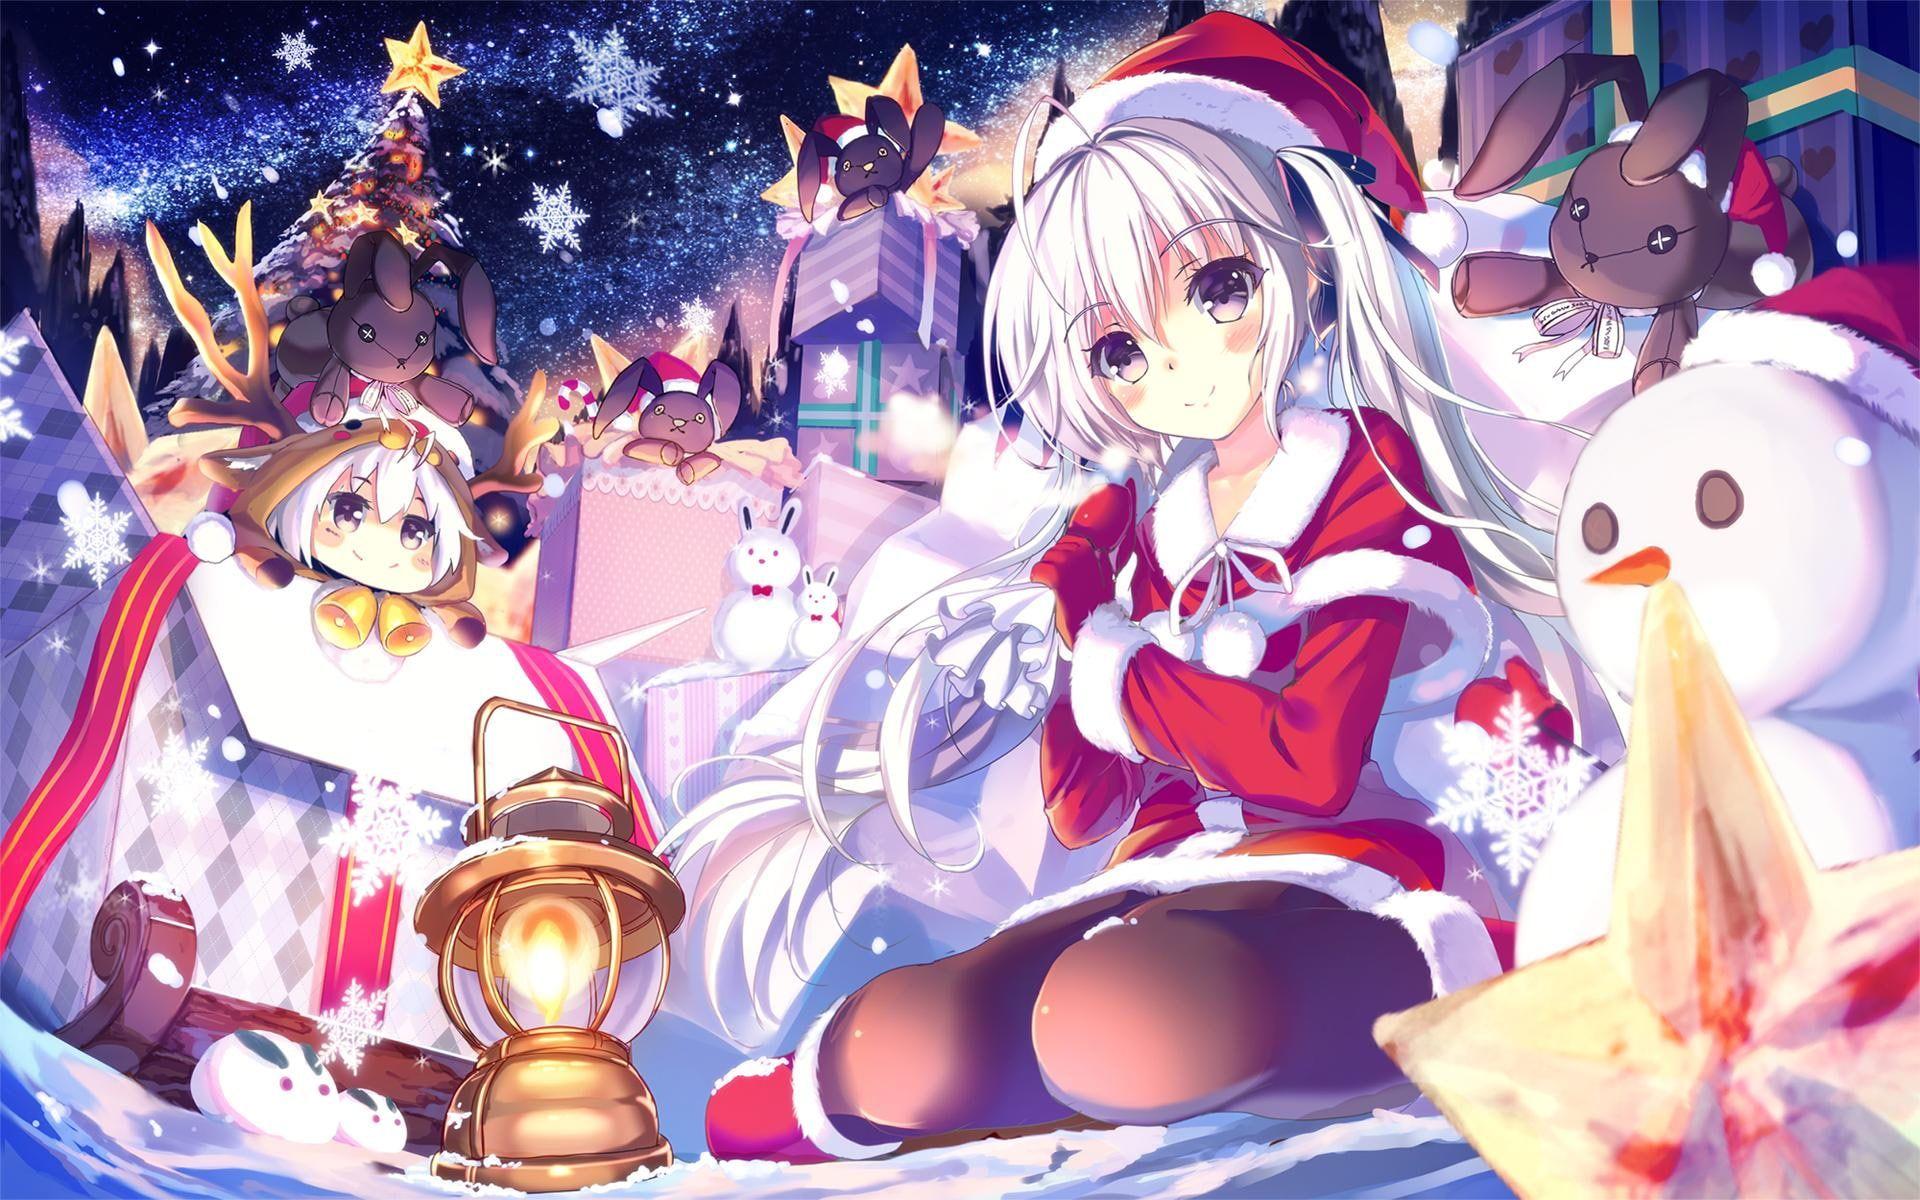 Anime Girls Christmas Yosuga No Sora Kasugano Sora Girl In Santa Costume Anime Character Anime Girls Christma Anime Christmas Anime Anime Wallpaper Iphone